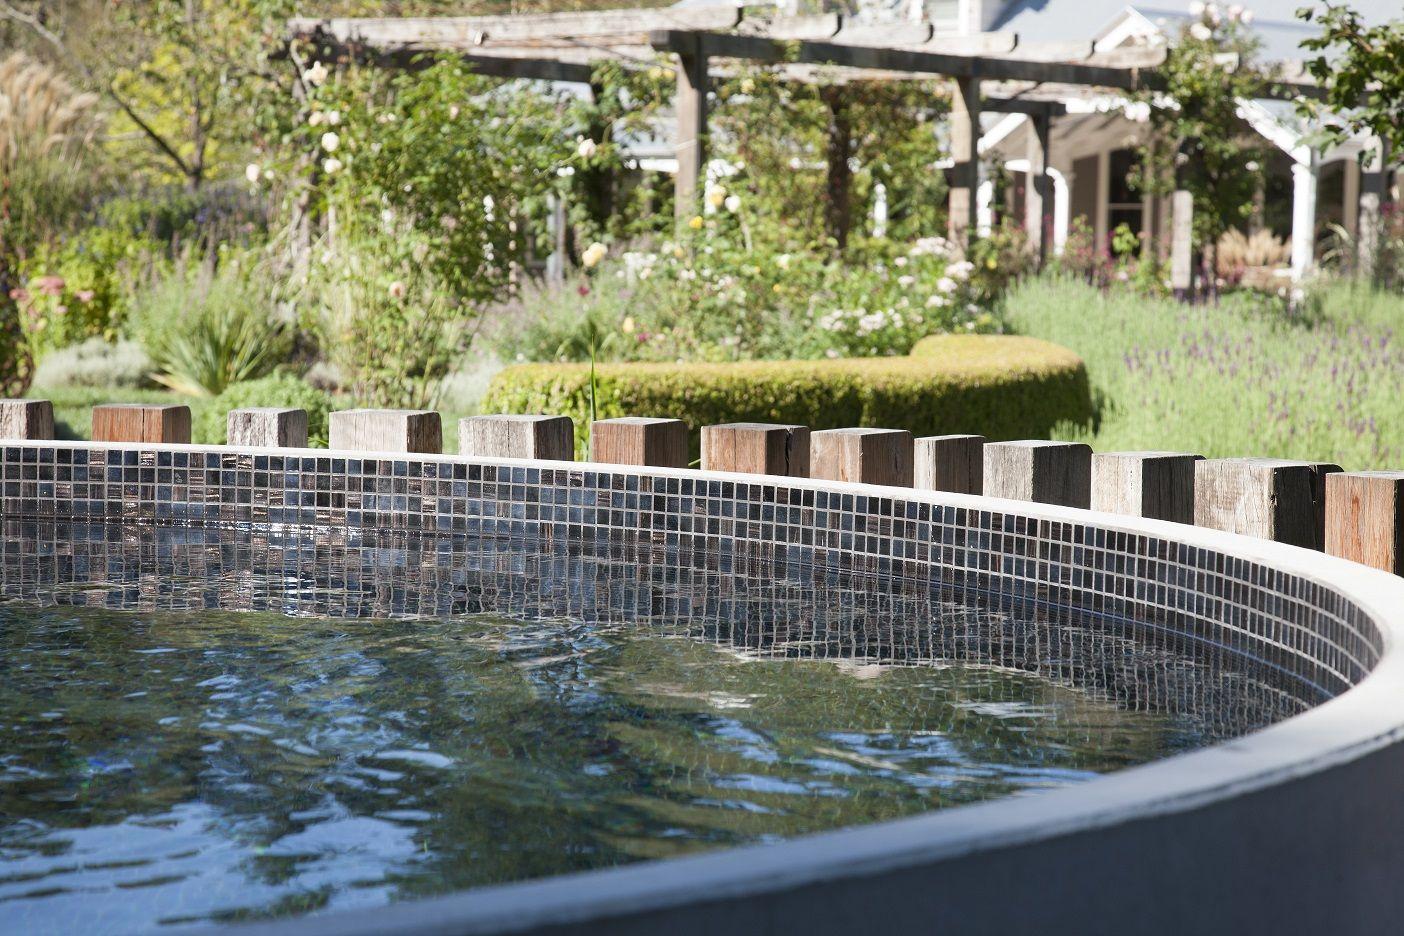 Australian Plunge Pool project designed by Brendan Moar